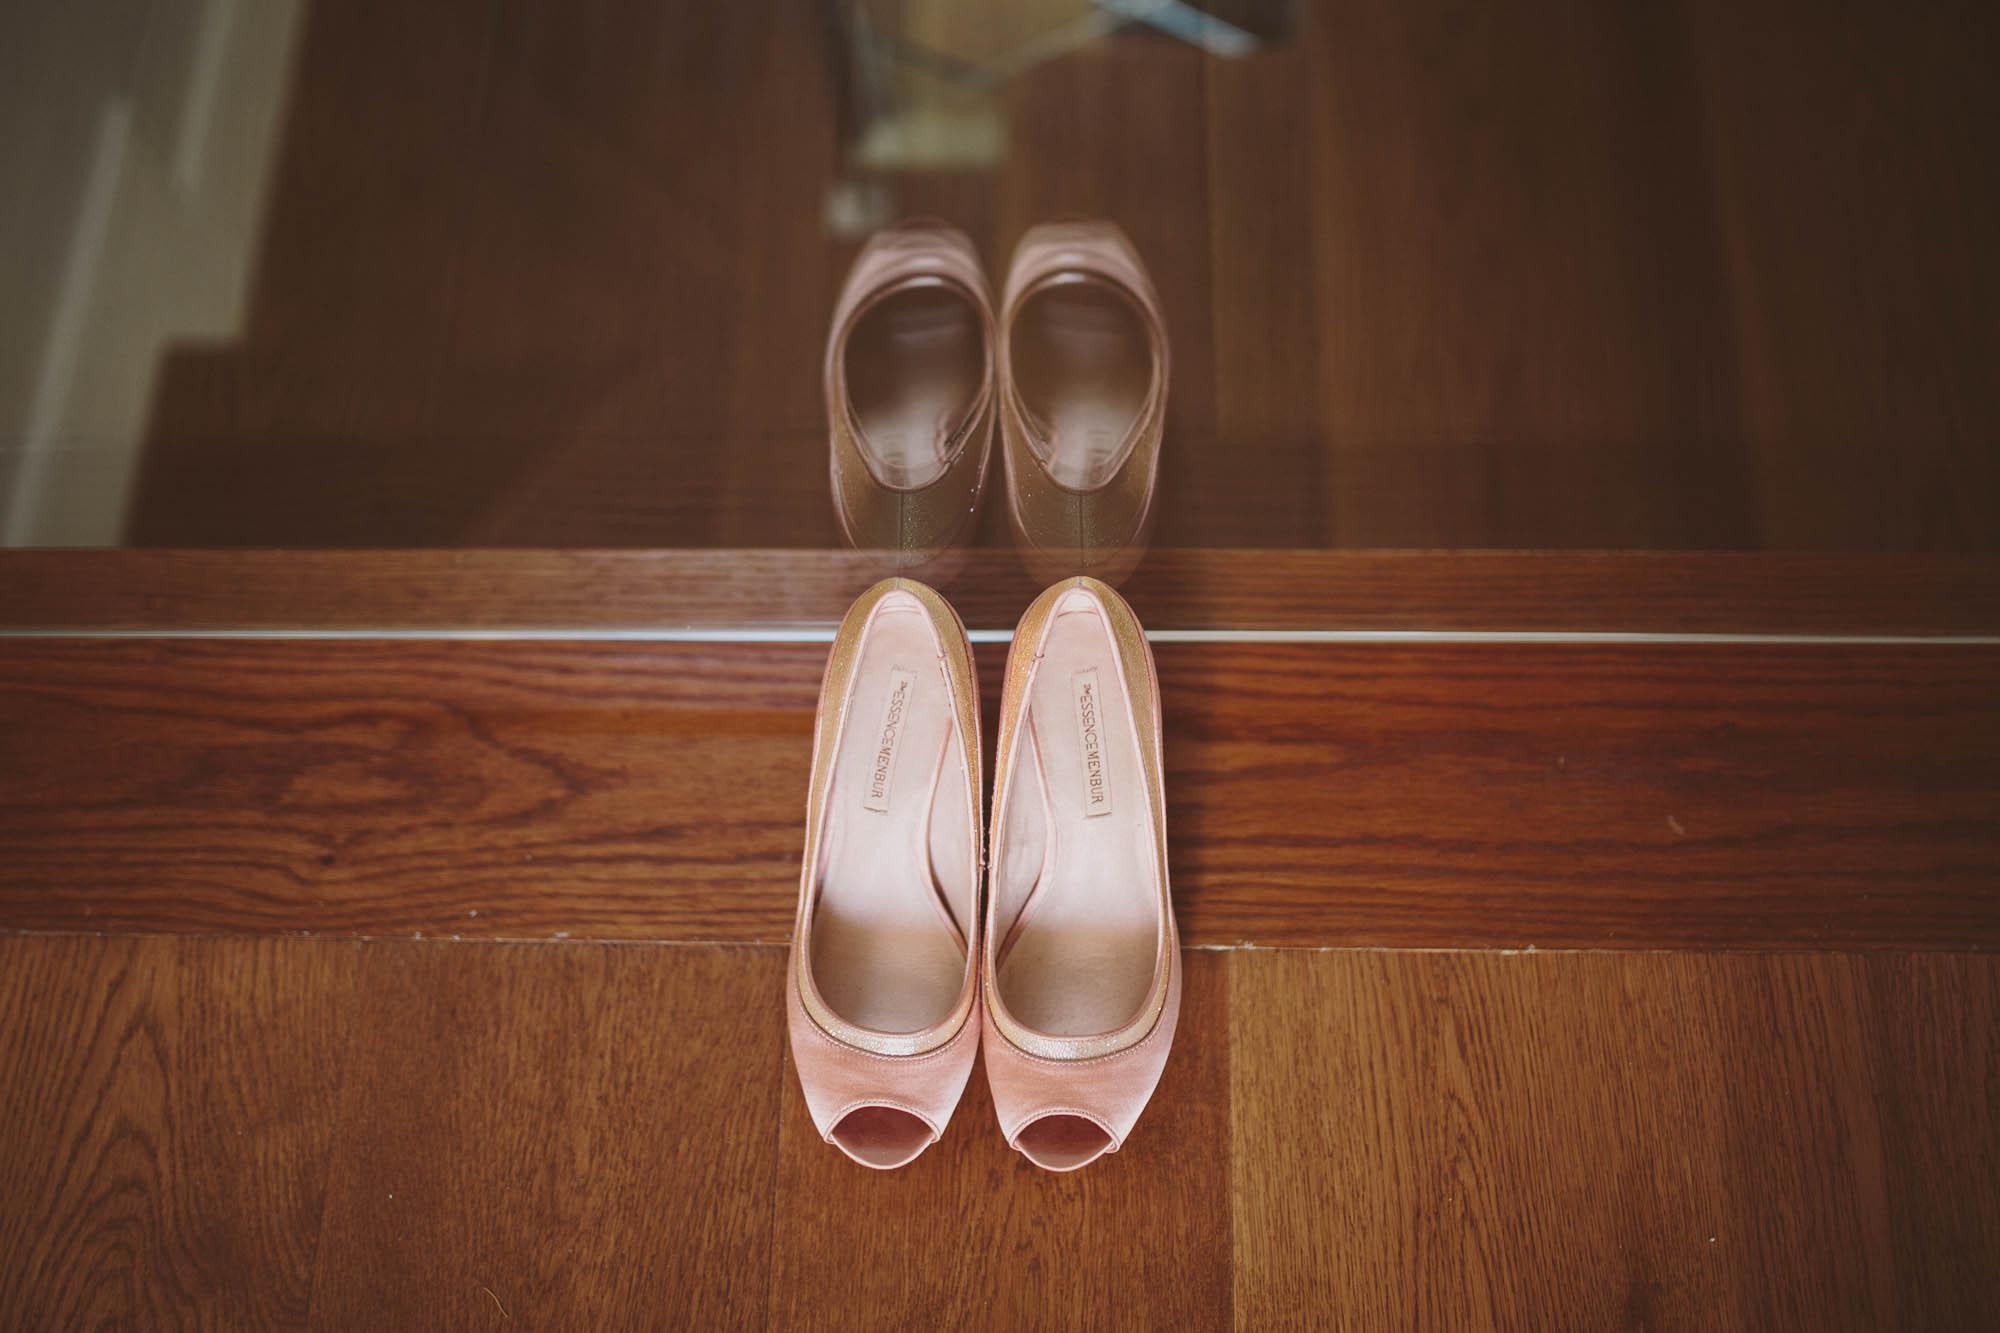 Zapatos de terciopelo rosa reflejados en un cristal